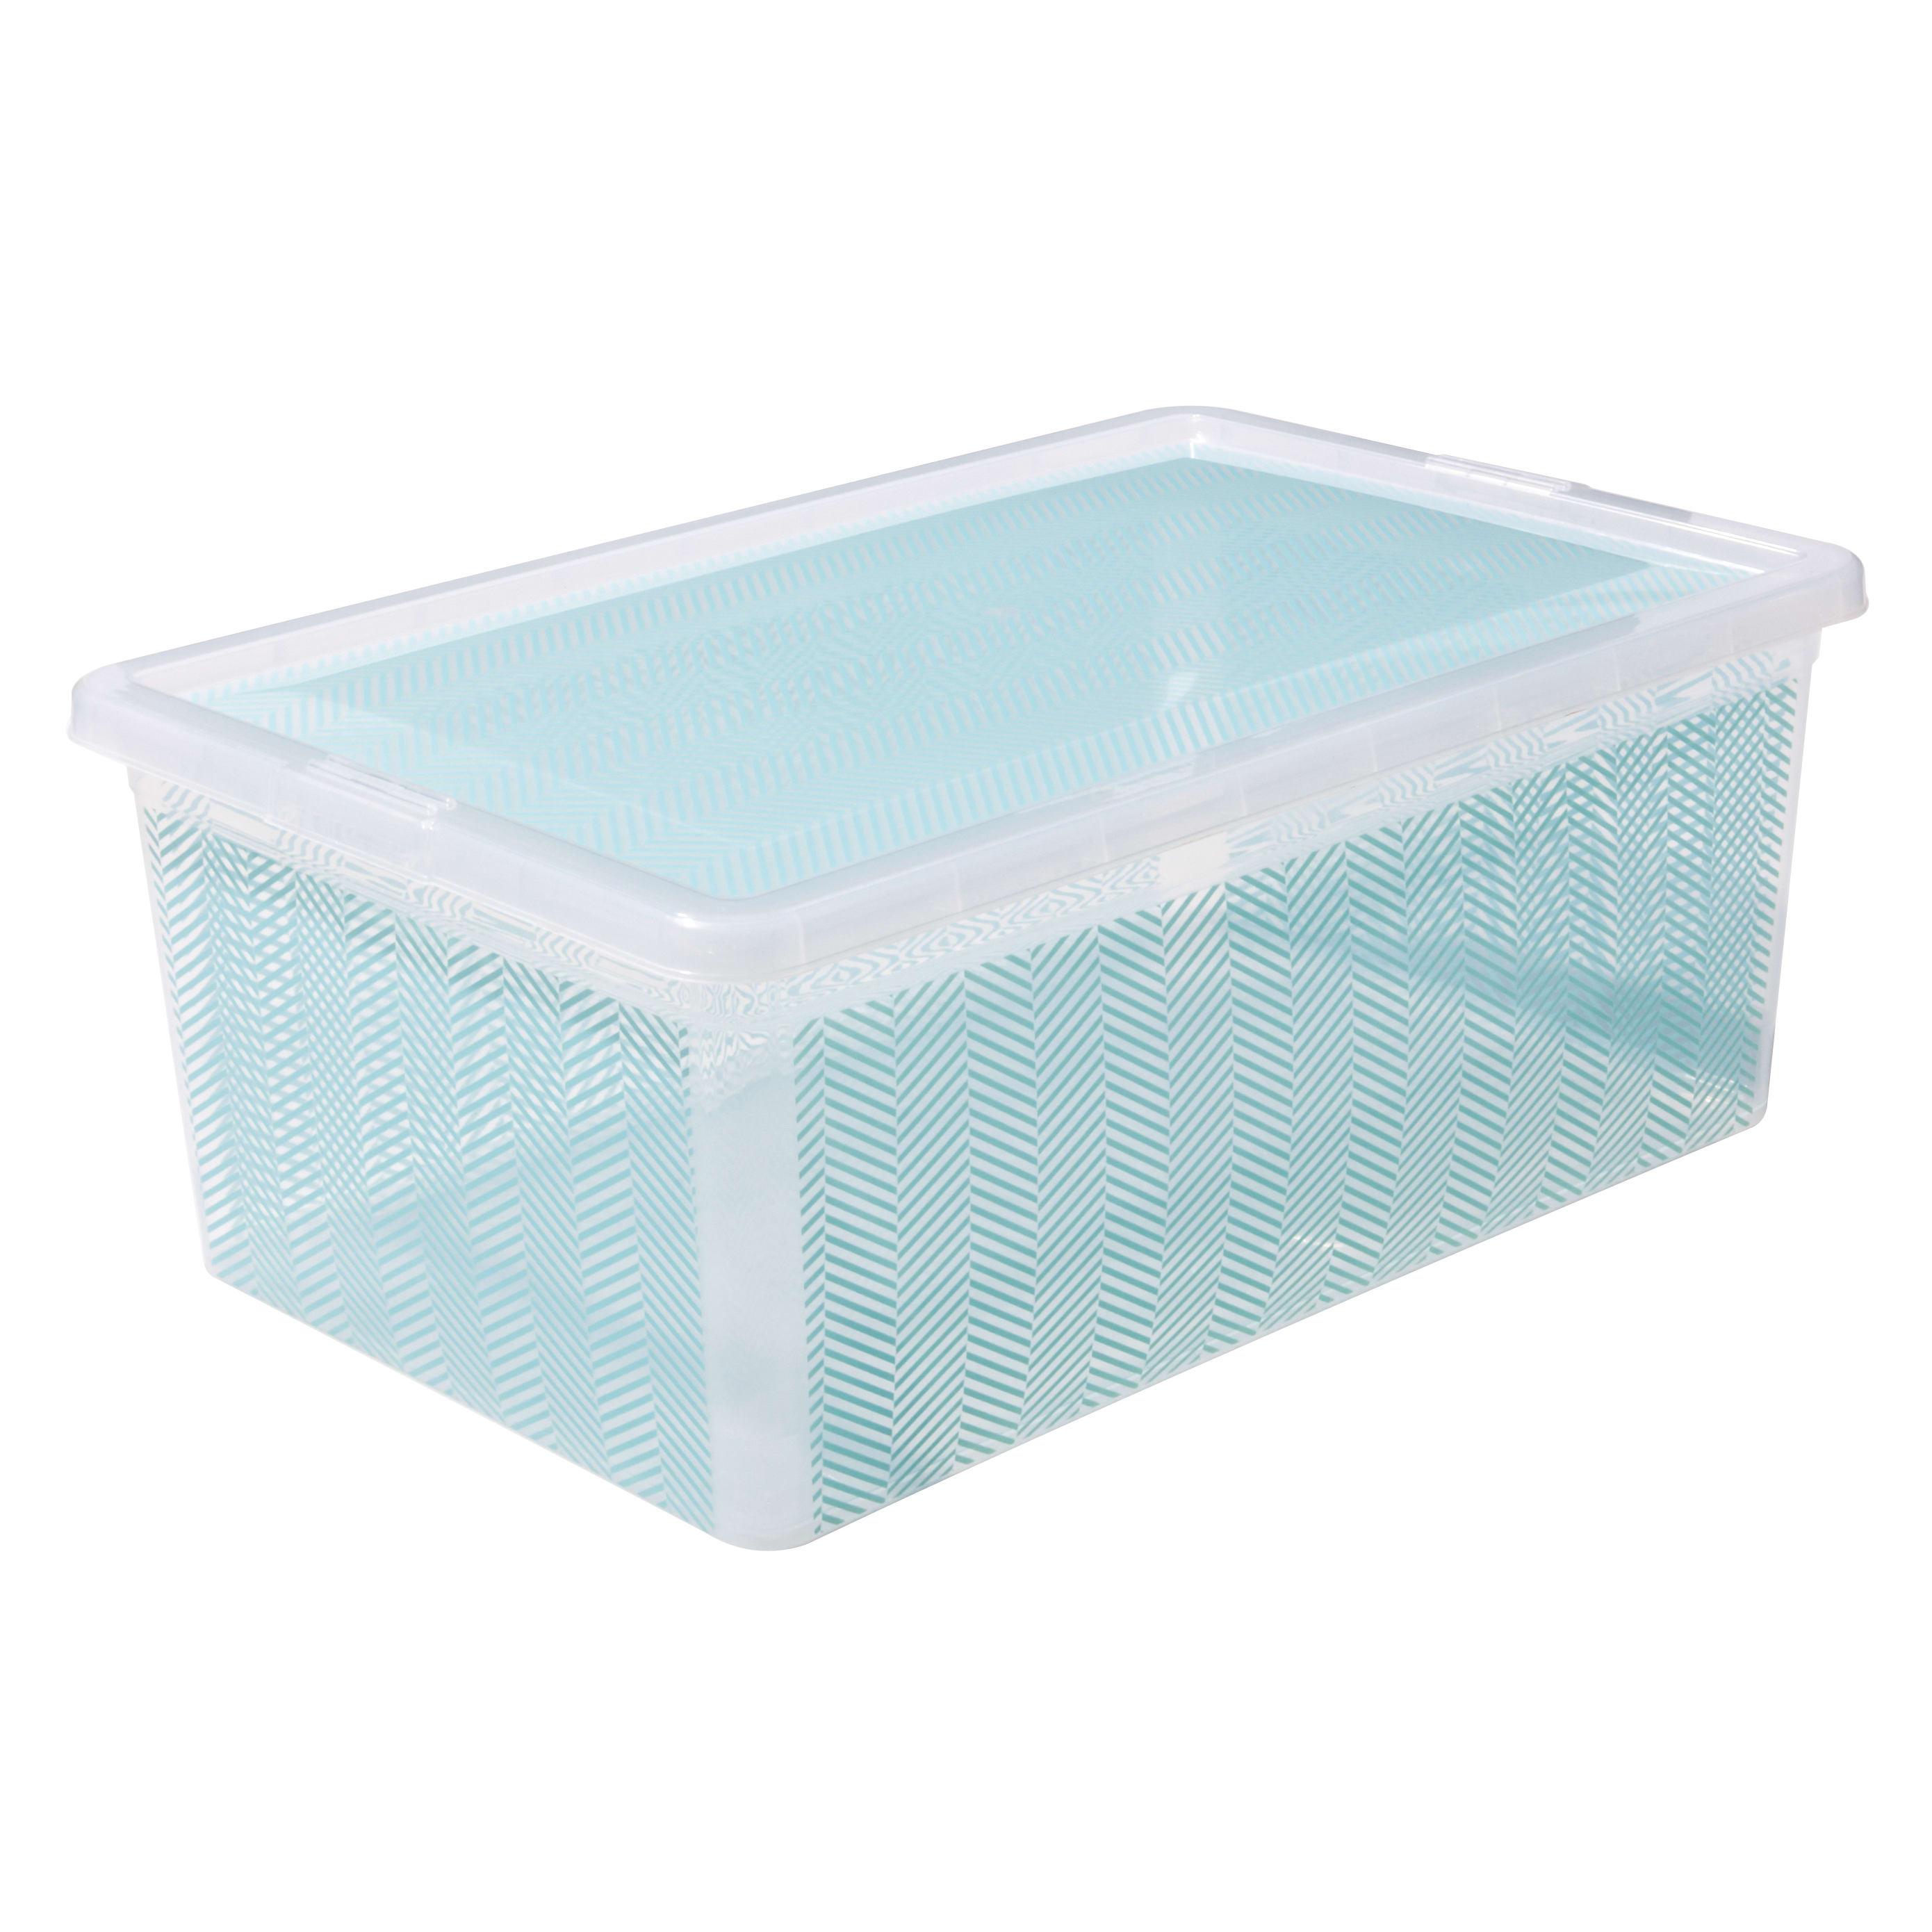 """See Jane Work® Storage Box, 6 1/2""""H x 11""""W x 16 1/2""""D (Overall), Blue Herringbone"""